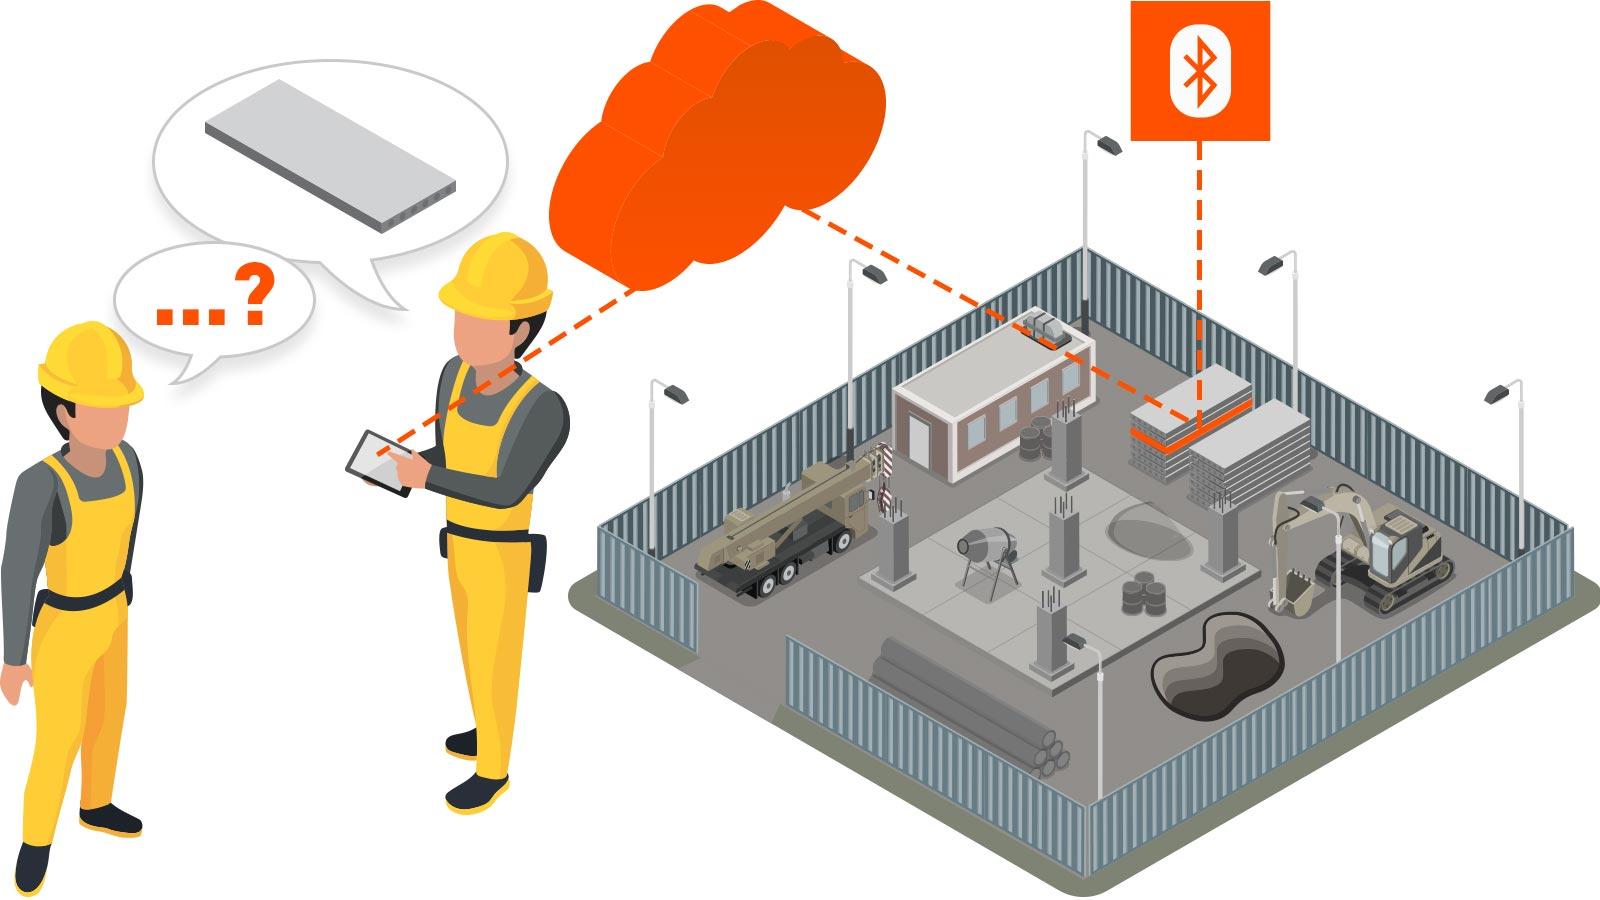 Herausforderung Digitaler Bau auf der Suche nach Werkzeugen und Baumaterialien